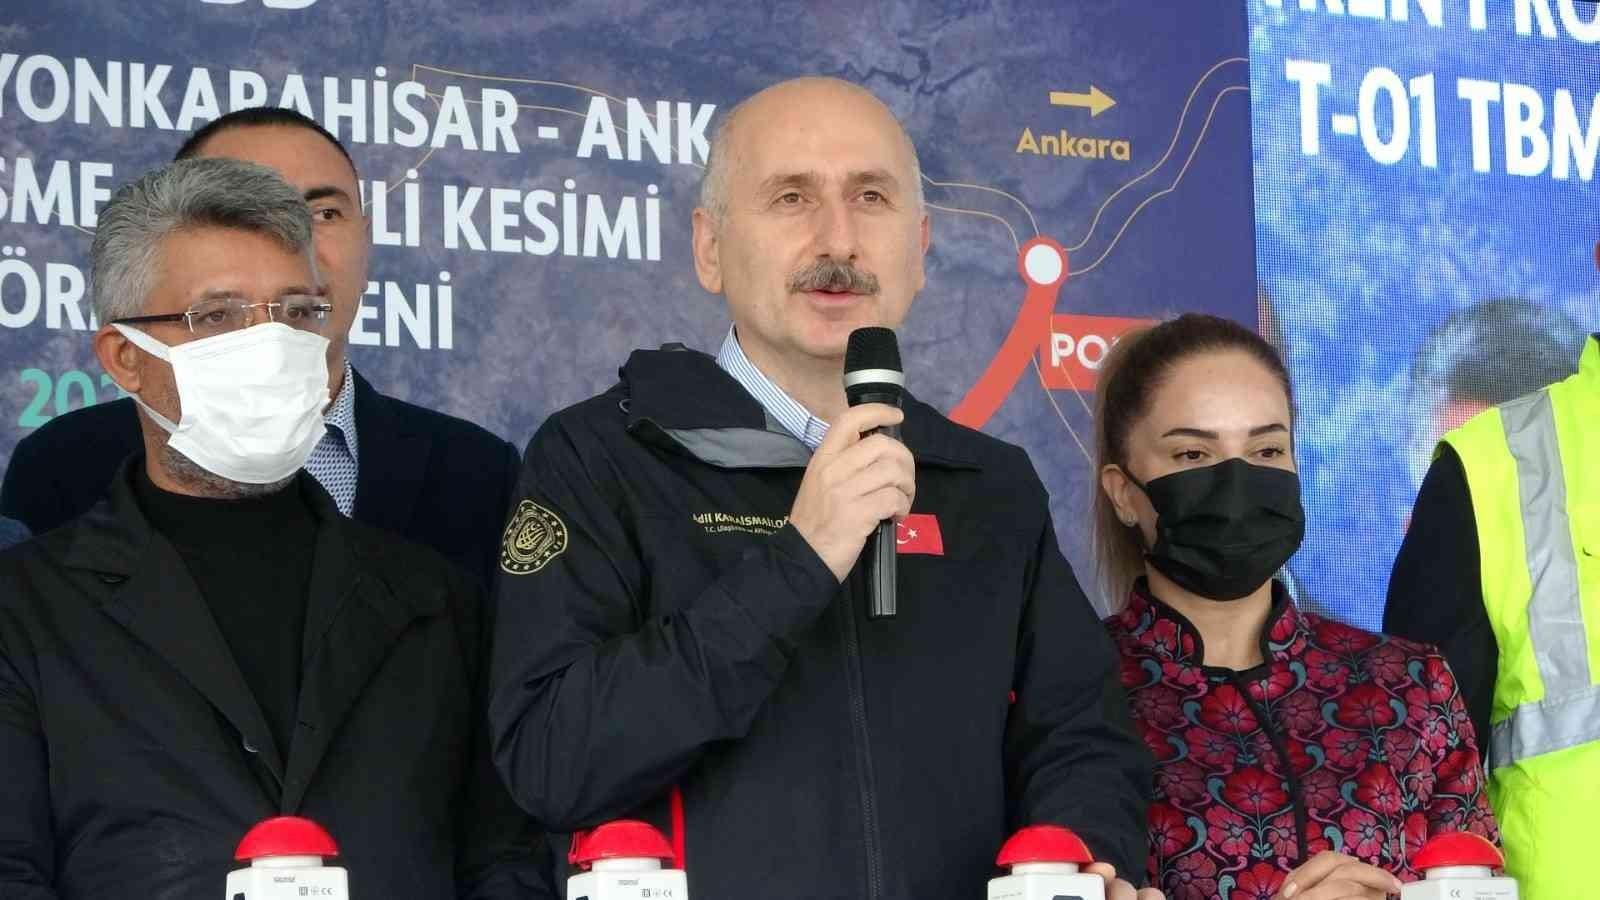 """Bakan Karaismailoğlu: """"2022 yılında millî elektrikli lokomotifin seri üretimine başlayacağız"""""""